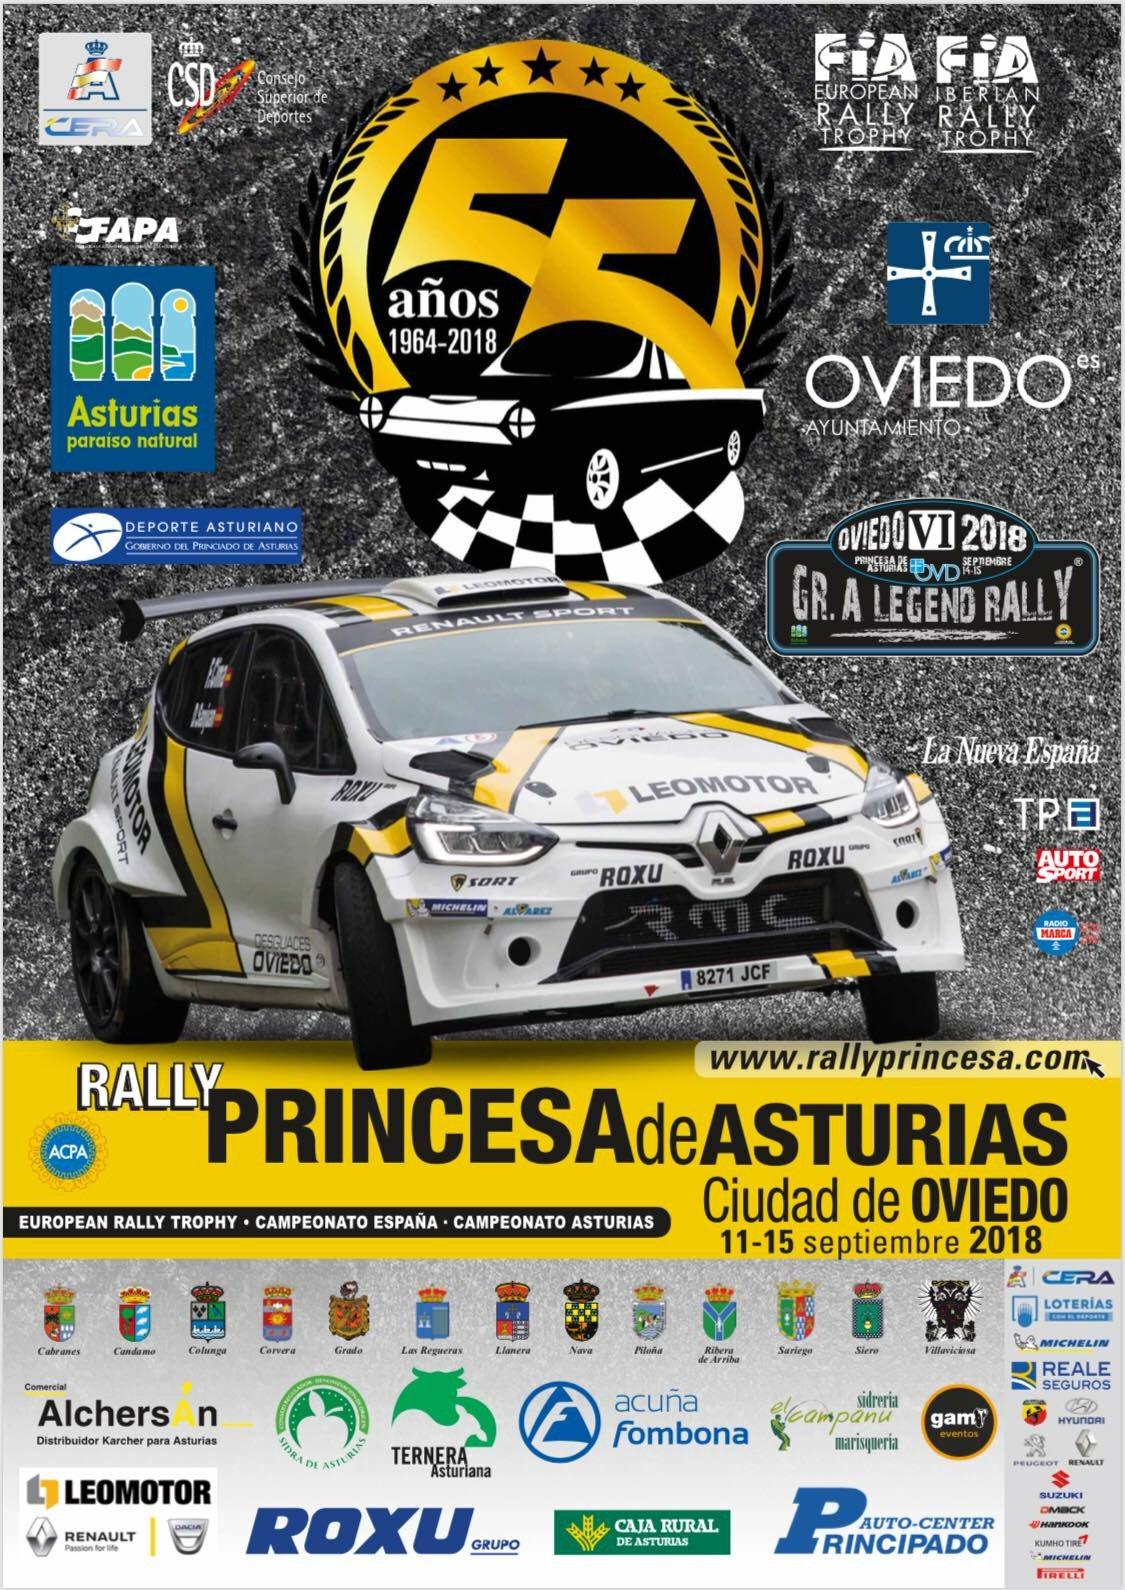 CERA: 55º Rallye Princesa de Asturias + Gr. A Legend Rallye [14-15 Septiembre] DlRdII_WsAAhee3